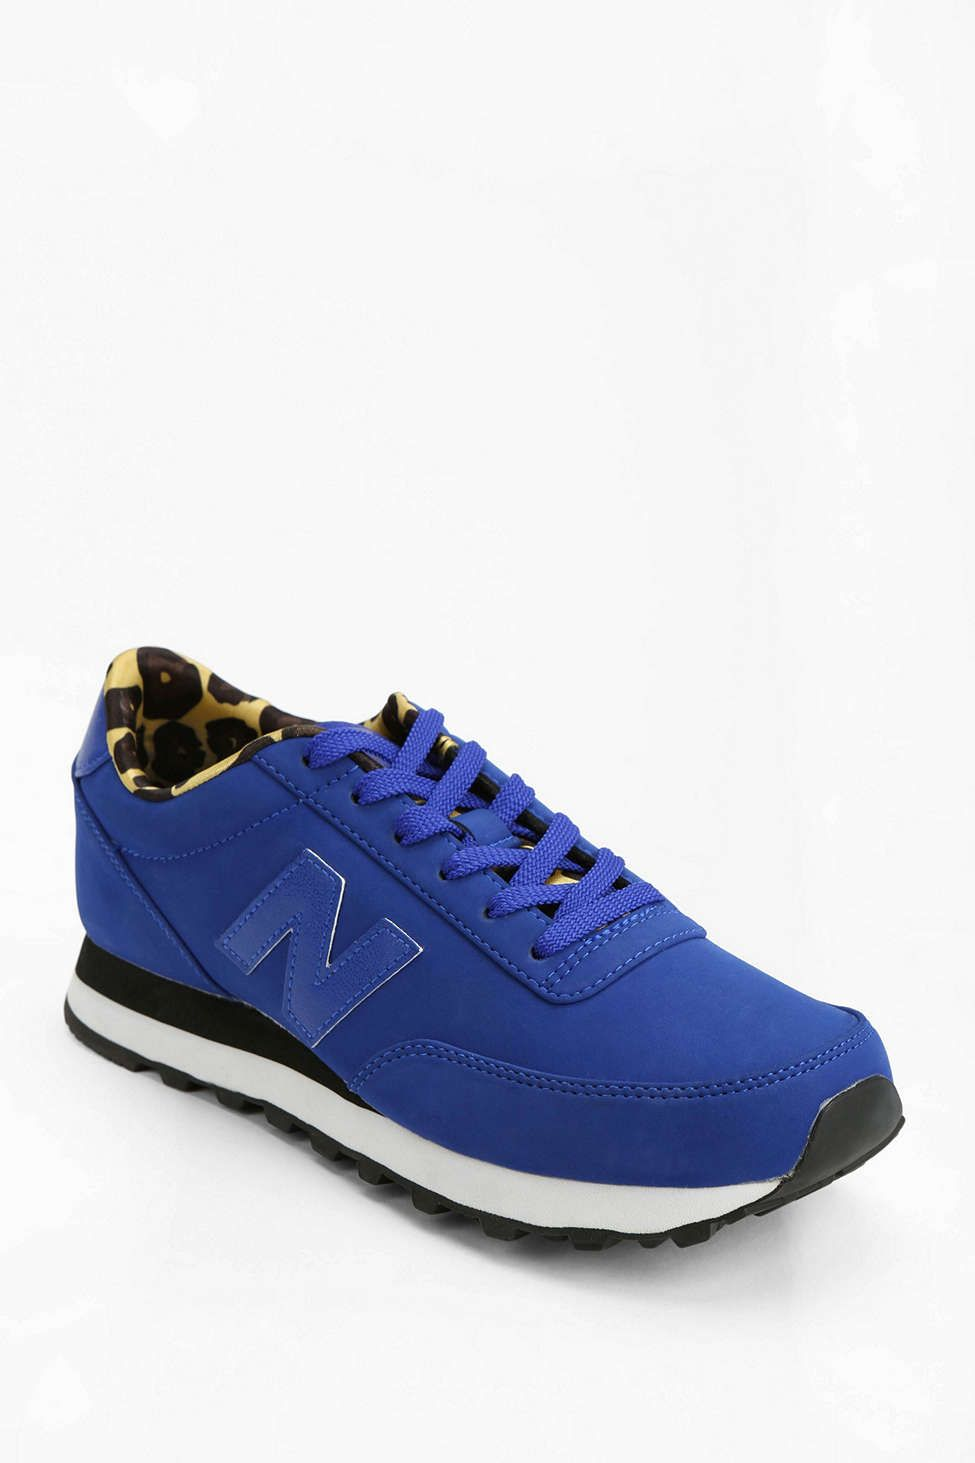 New Balance 574 High Roller Running Sneaker  f4ff5cc34